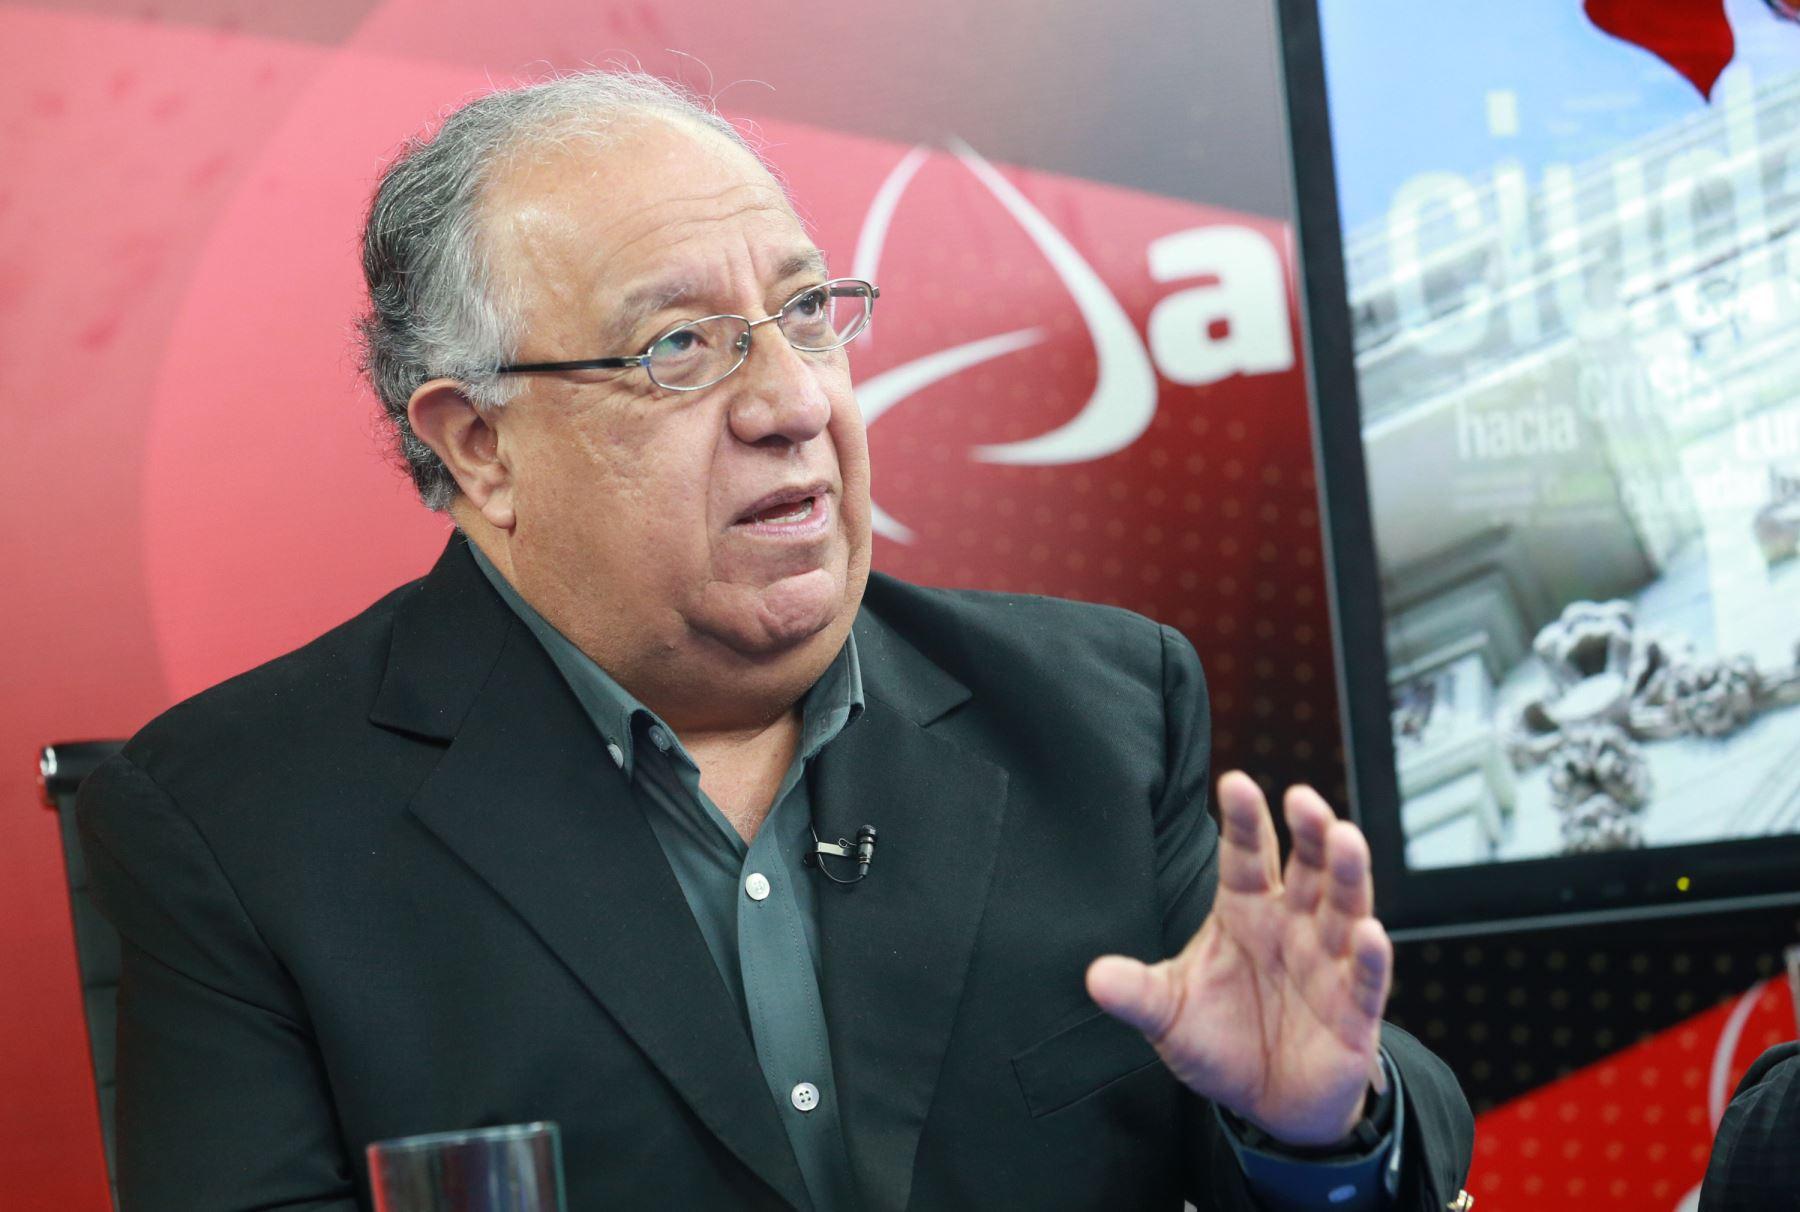 Tuesta declaró a Andina que él calculaba que solo siete u ocho partidos conseguirían pasar la valla electoral. Fuente: Andina.